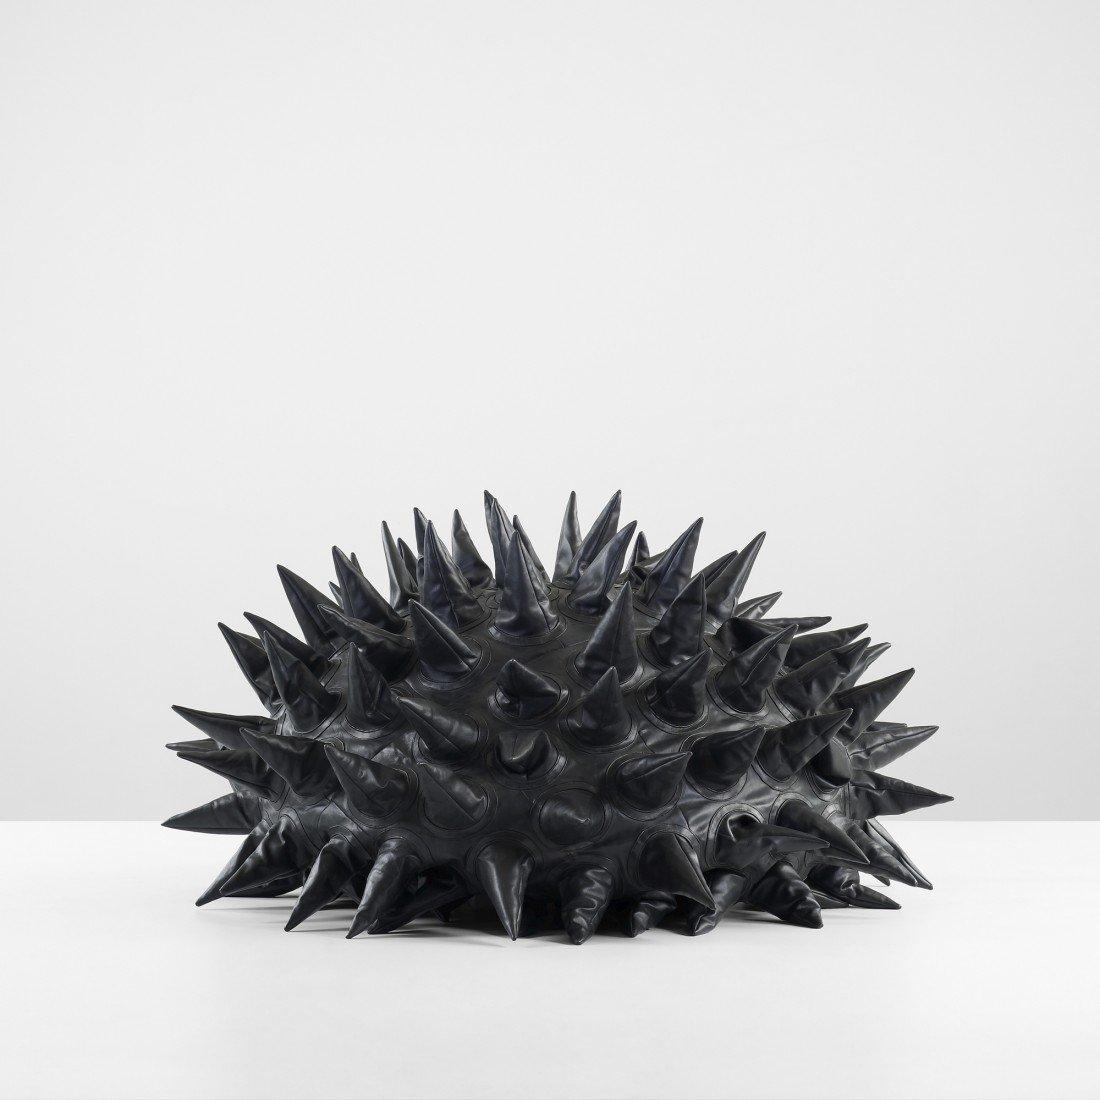 116: Marzio Cecchi Fachiro beanbag chair